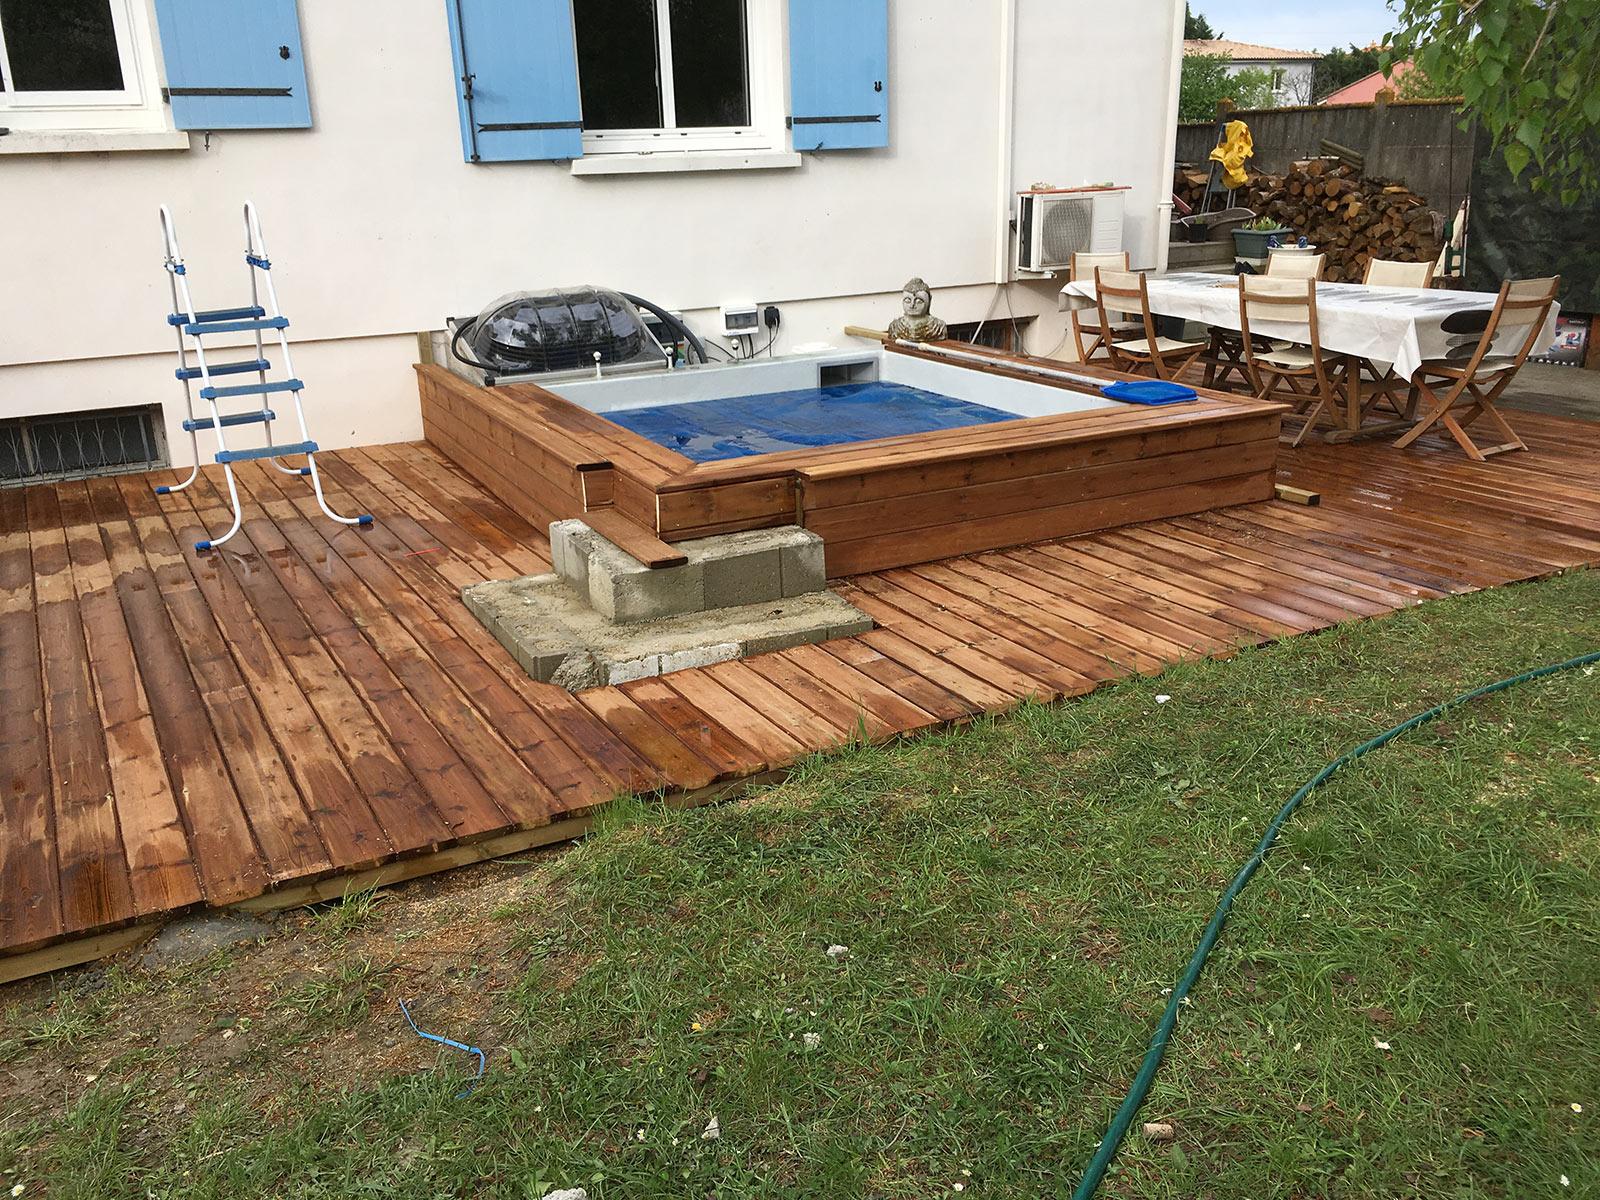 Fin de l 39 habillage du spa b ton construction d 39 une for Ab construction piscine